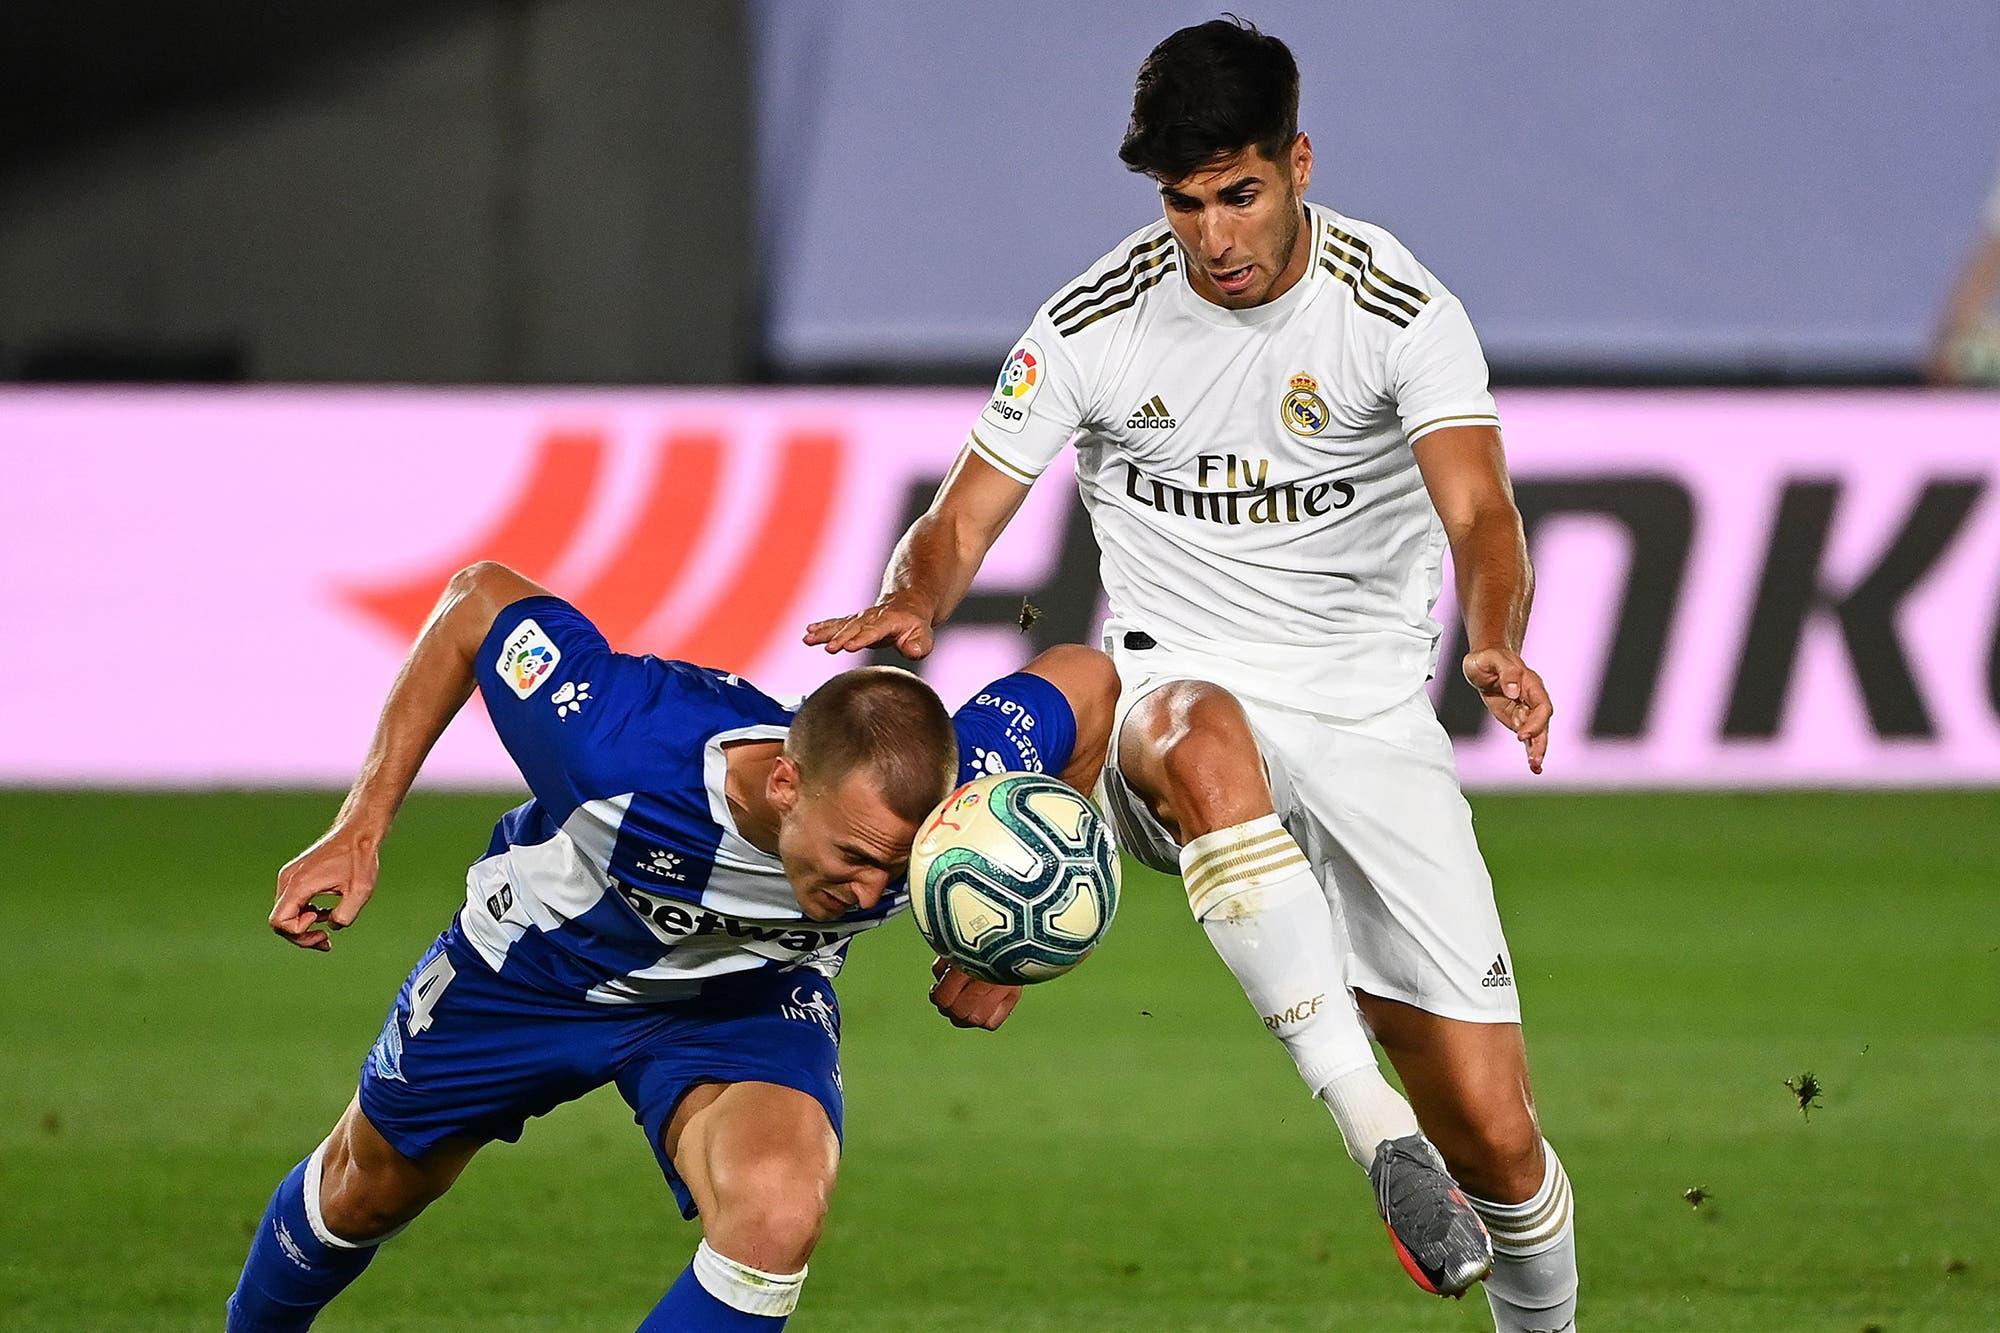 Con polémica y suspenso, Real Madrid le ganó a Alavés y le lleva 4 puntos a Barcelona en la liga de España a tres fechas del final